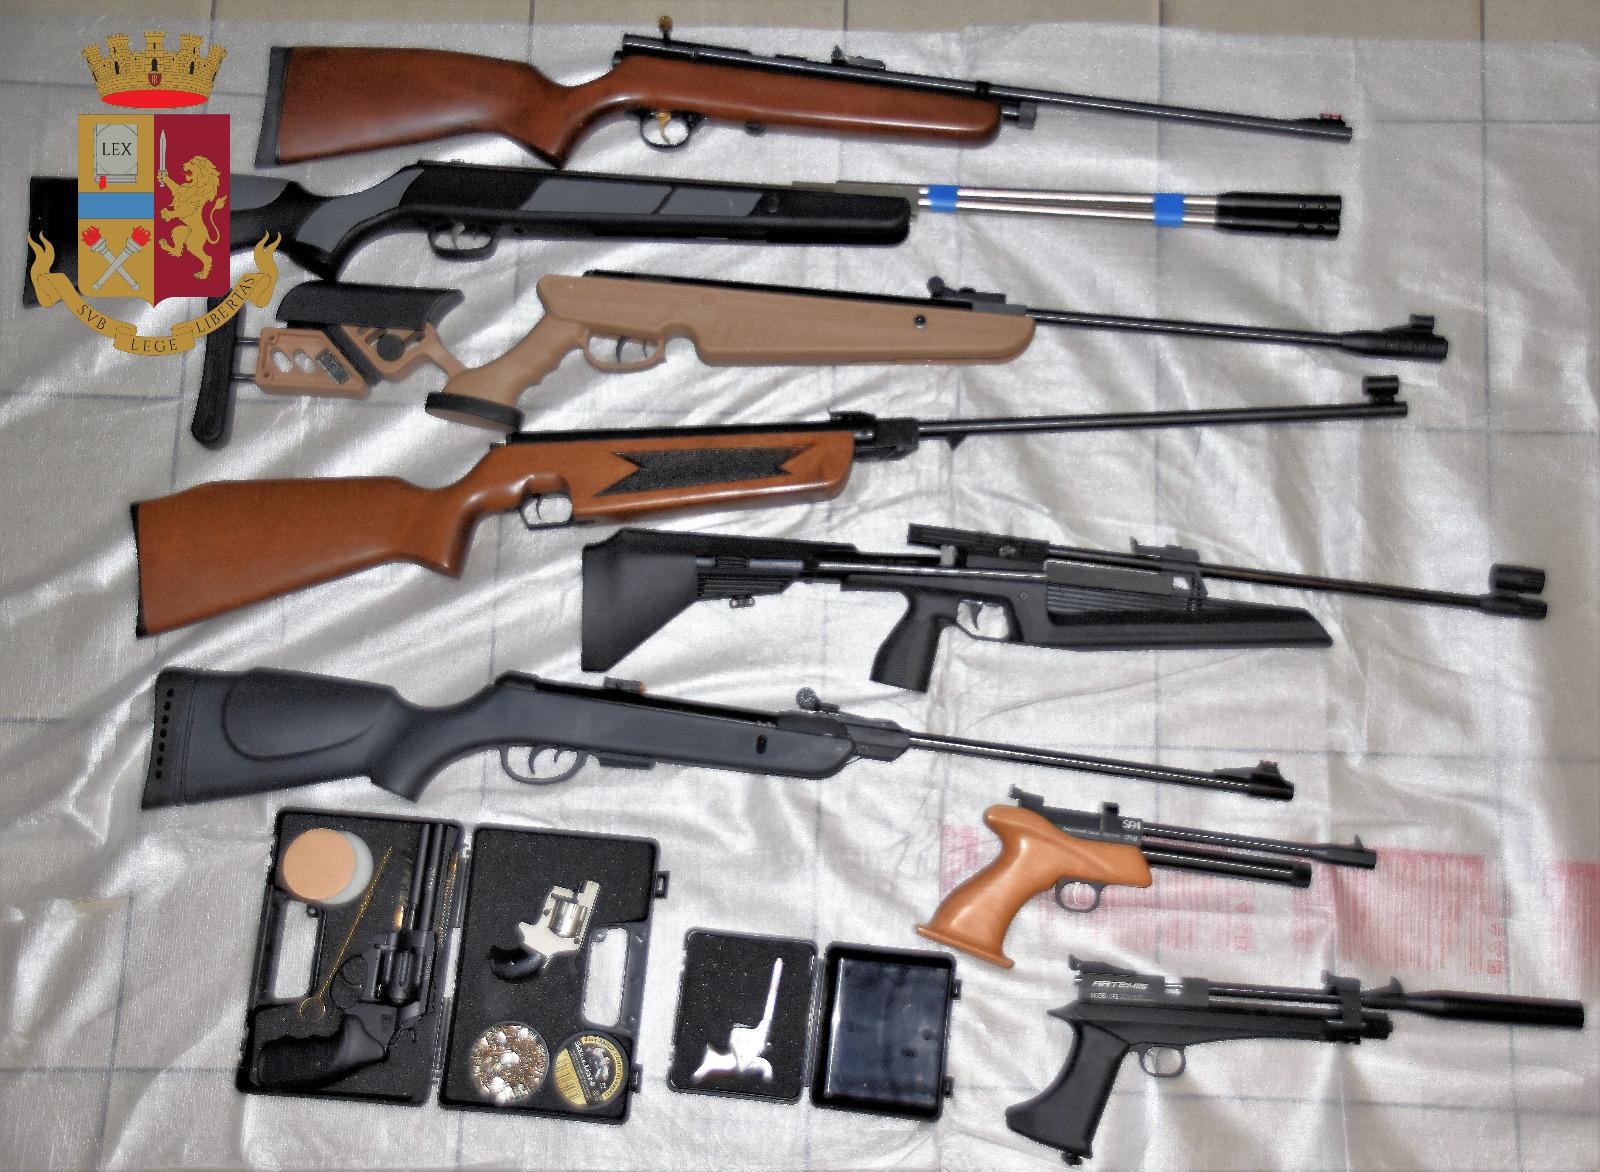 Blitz della Squadra Mobile in una casa a Viareggio: trovato un arsenale